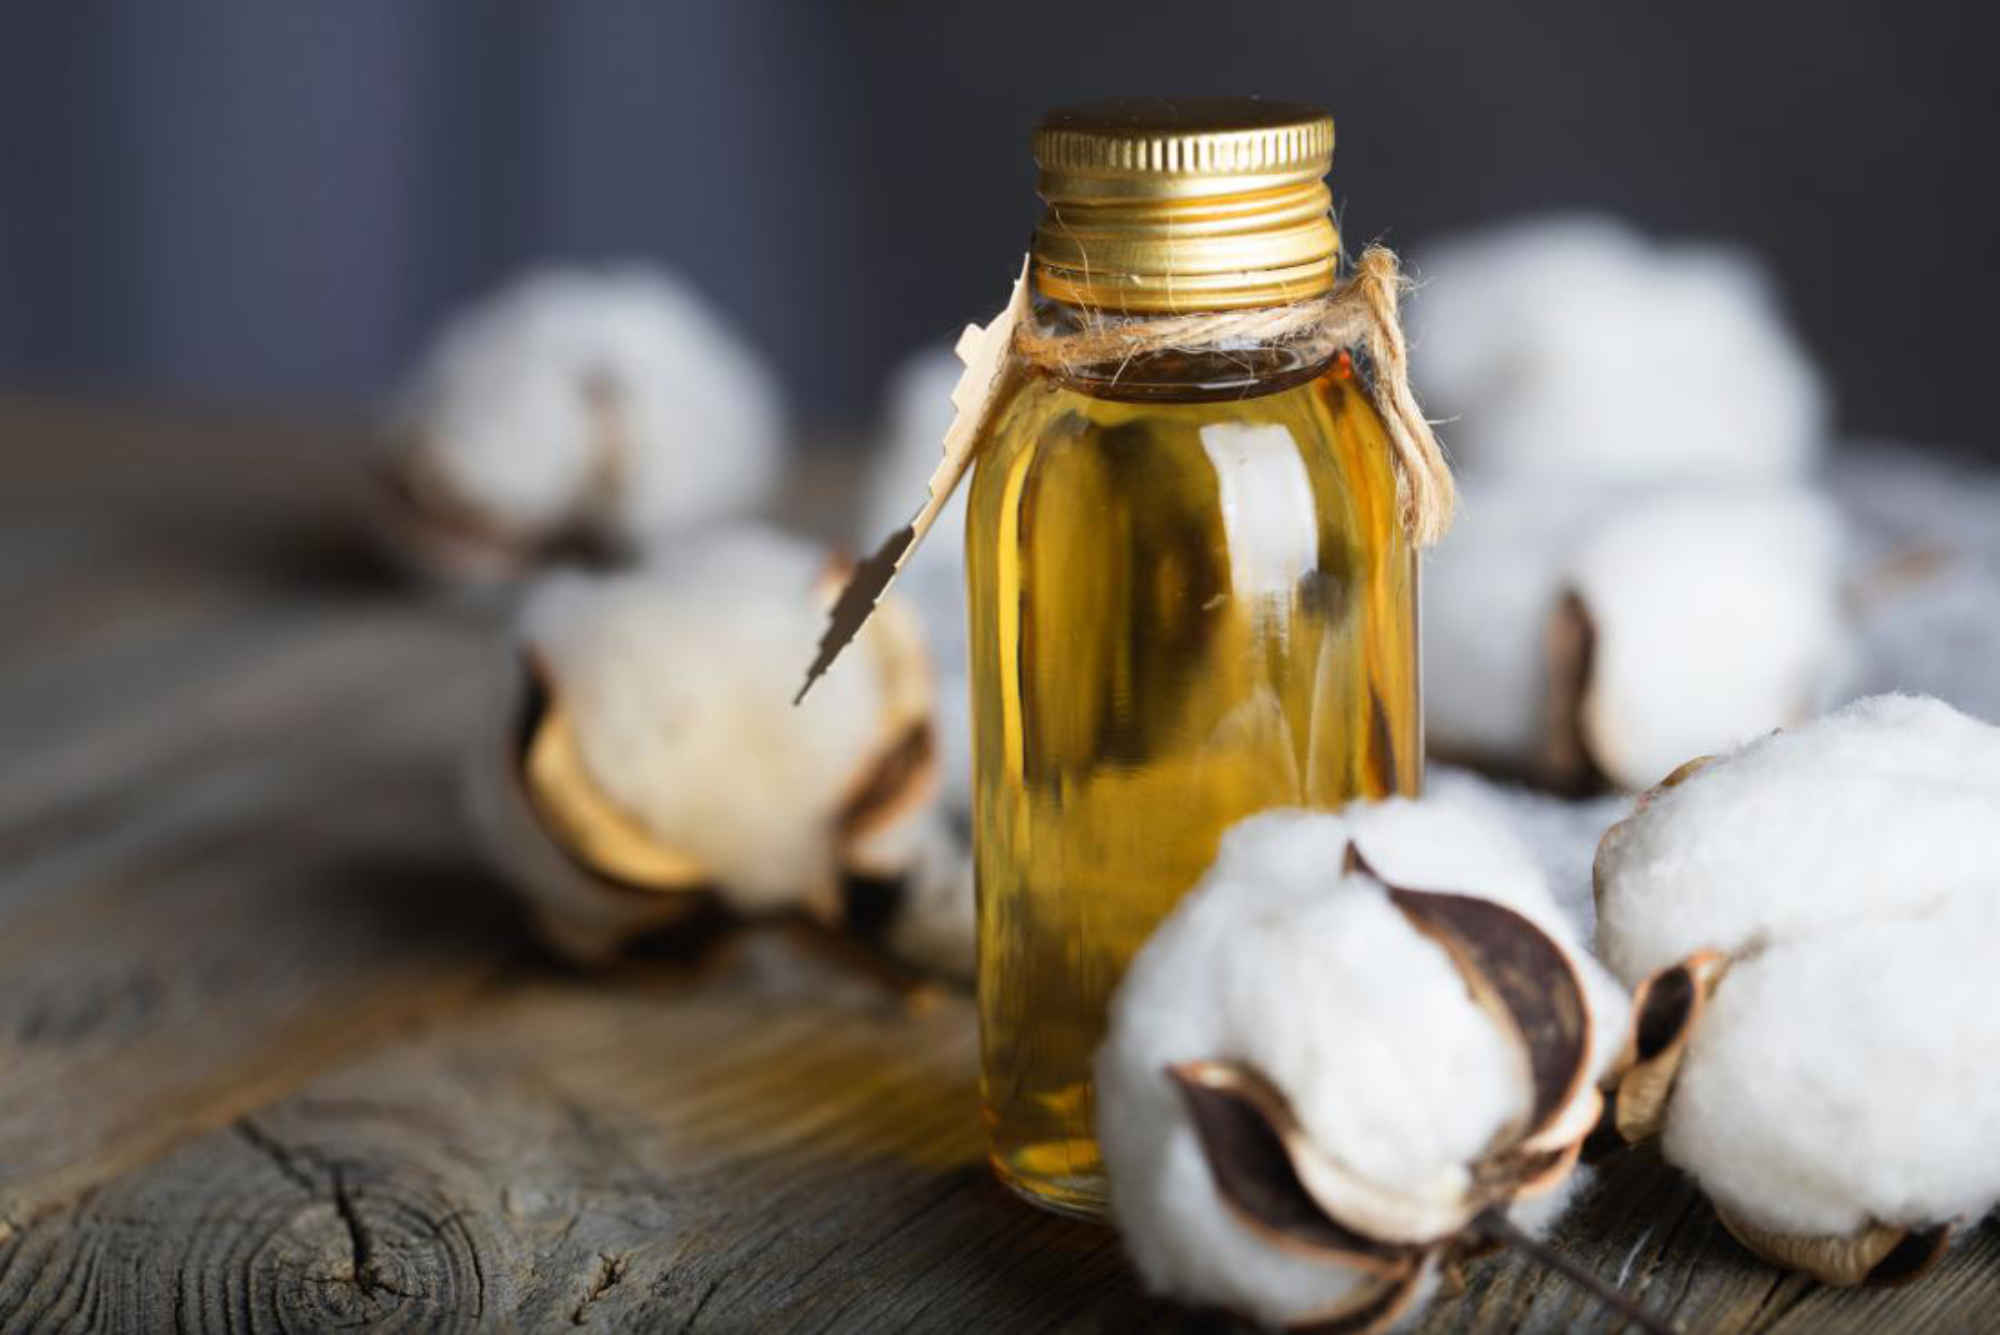 L'huile de coton permet de mieux maîtriser le taux de cholestérol